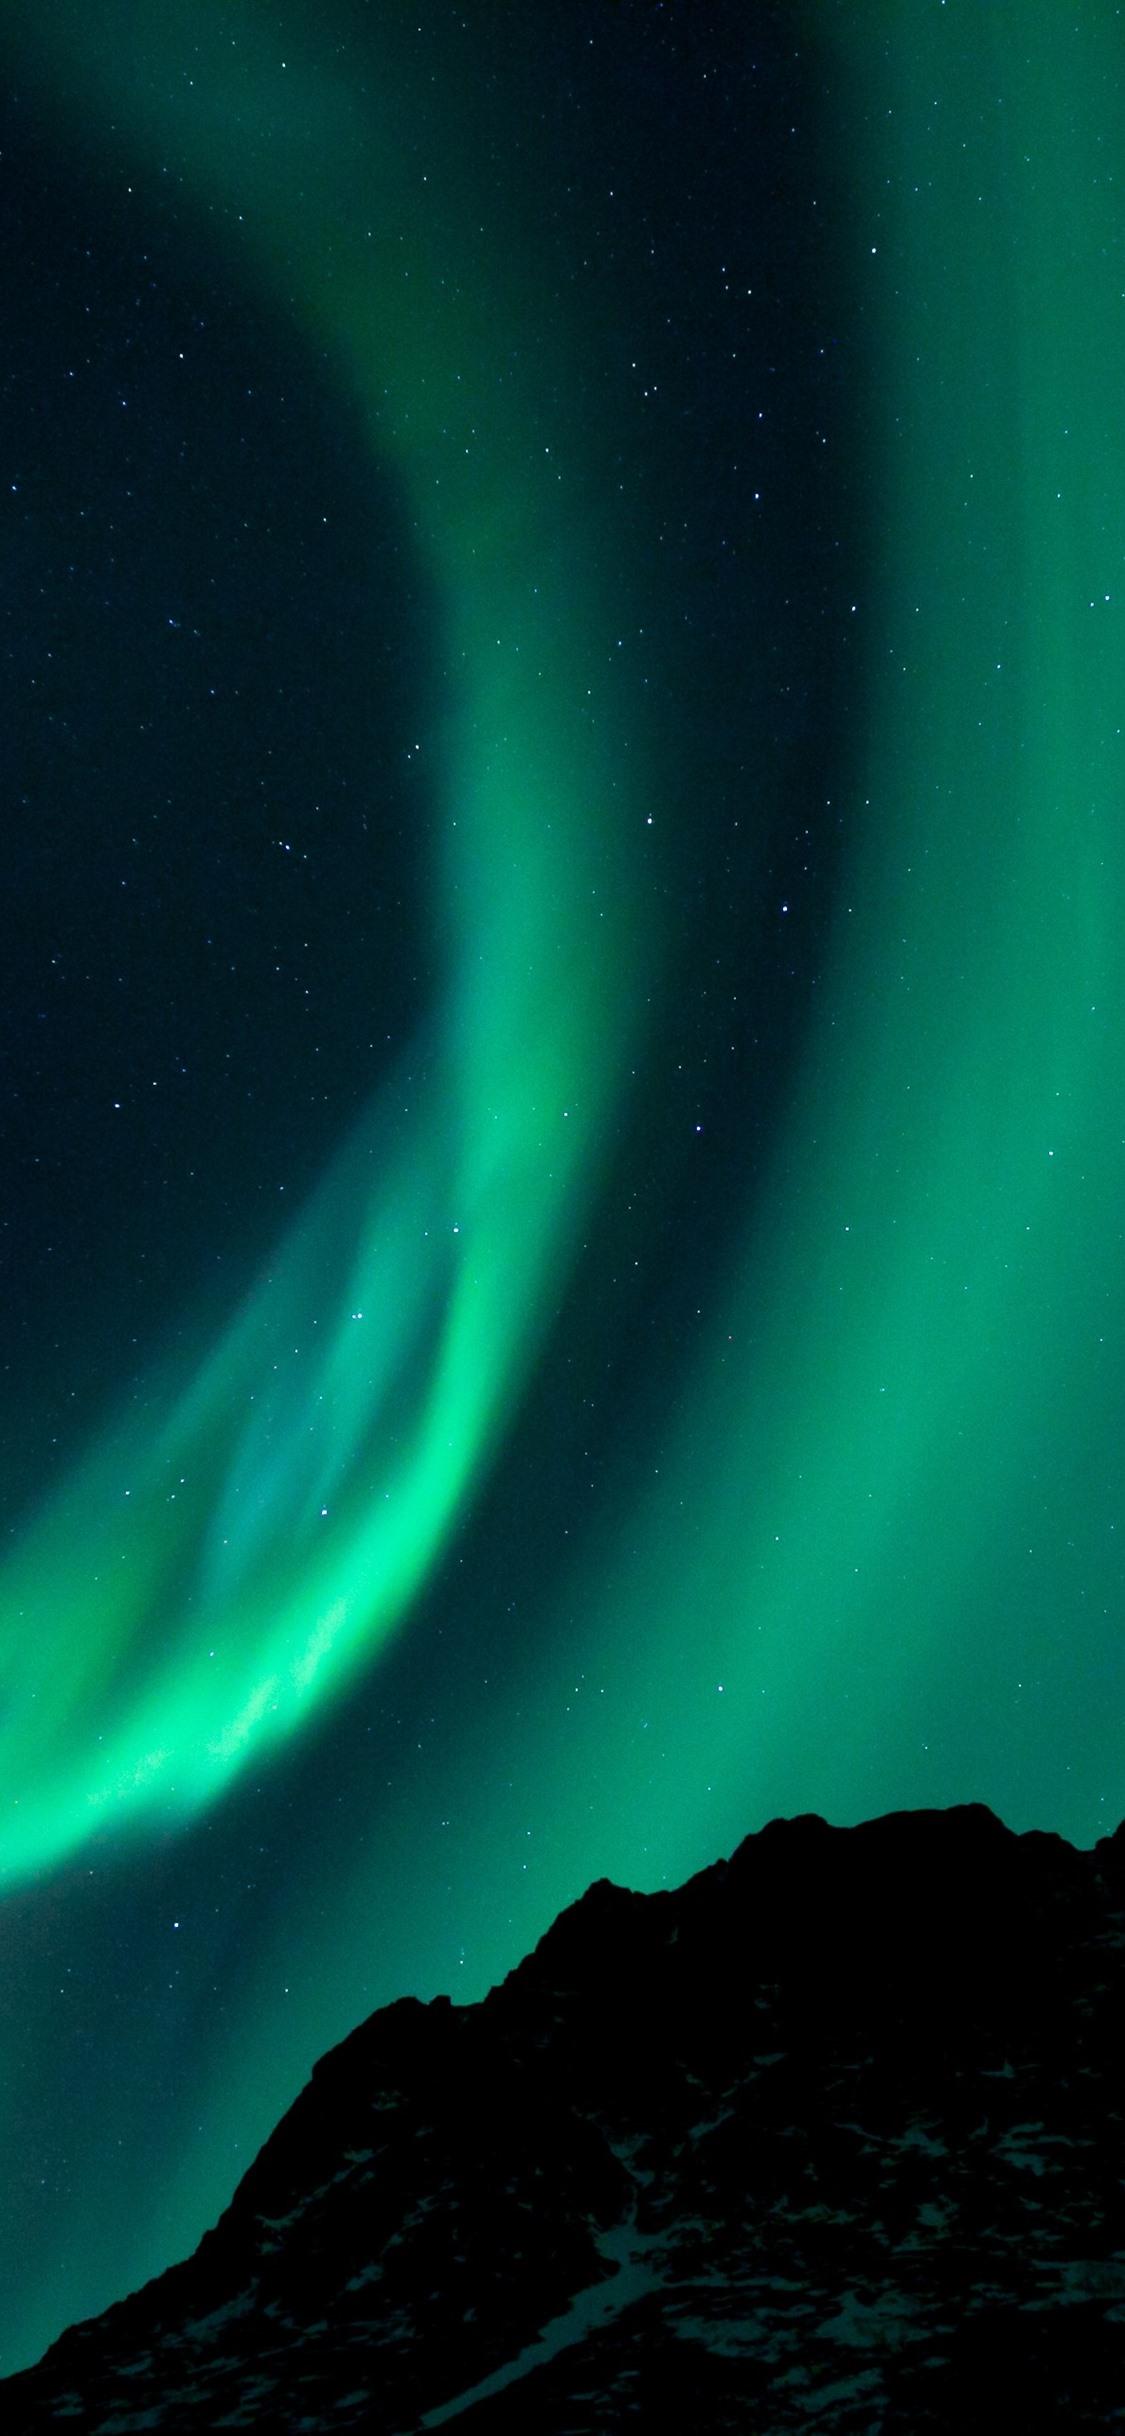 壁紙 オーロラ 星空 星 夜 山 3840x2160 Uhd 4k 無料のデスクトップの背景 画像